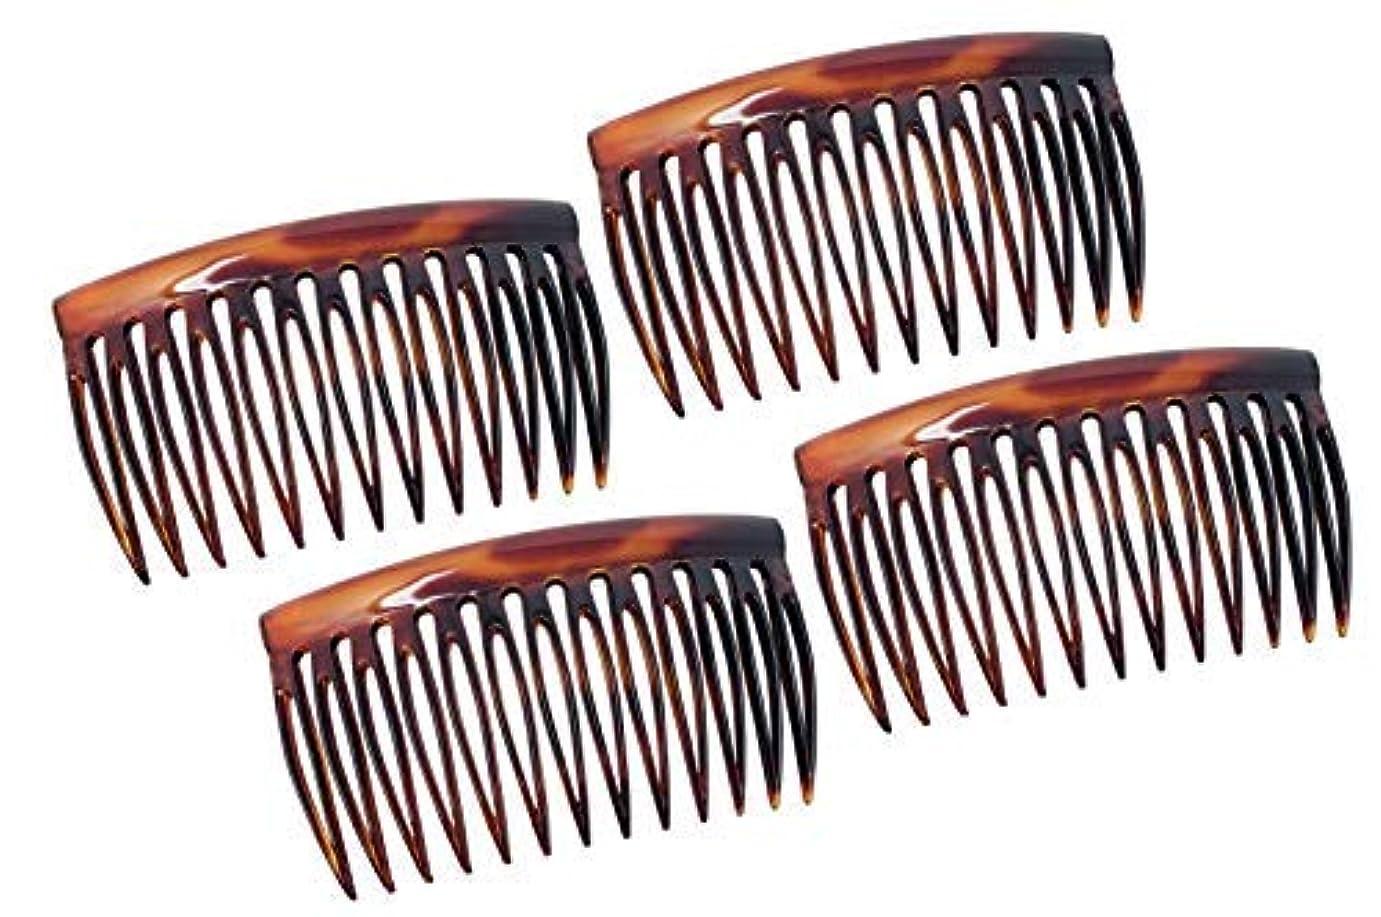 慎重にカエルファイターParcelona French Oval Cut 13 Teeth Tortoise Shell Celluloid Good Grip Side Hair Combs 4 Pcs [並行輸入品]